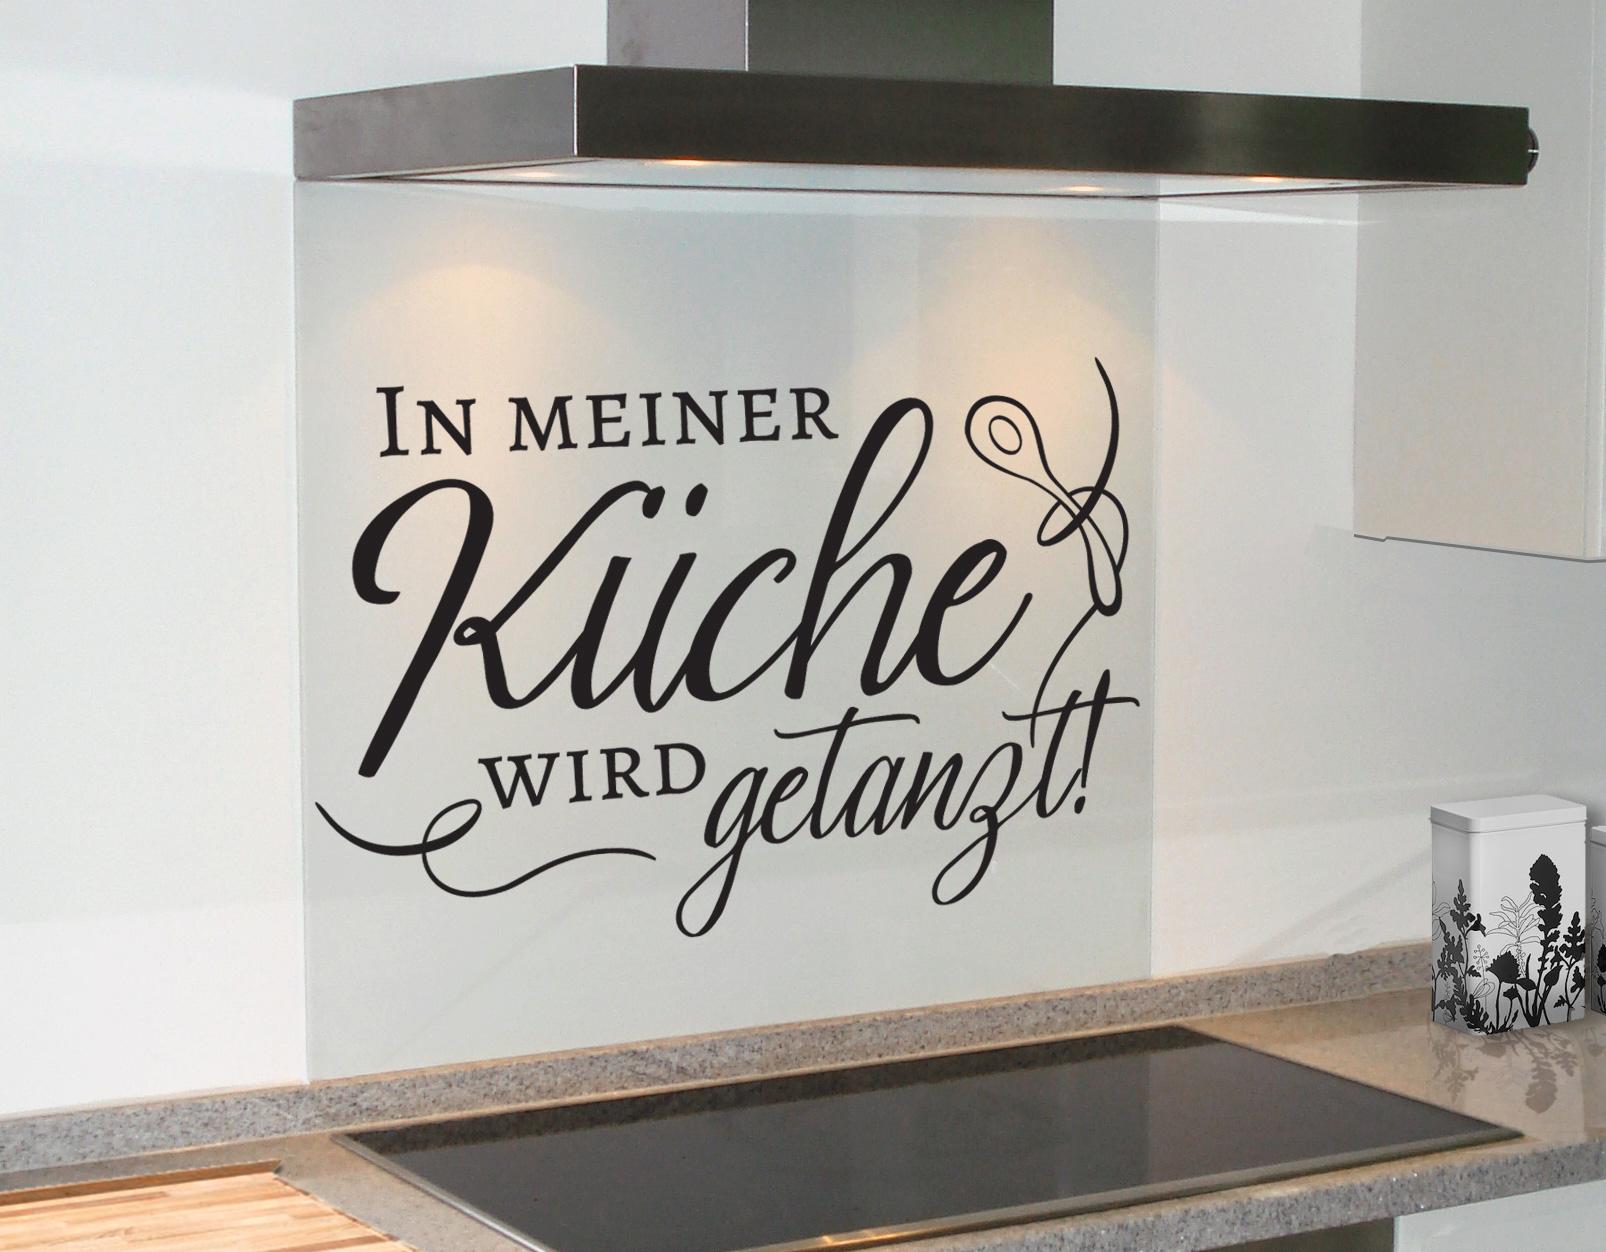 In Meiner Kueche | Ich Gebe Objekten In Meiner Küche Gerne ...